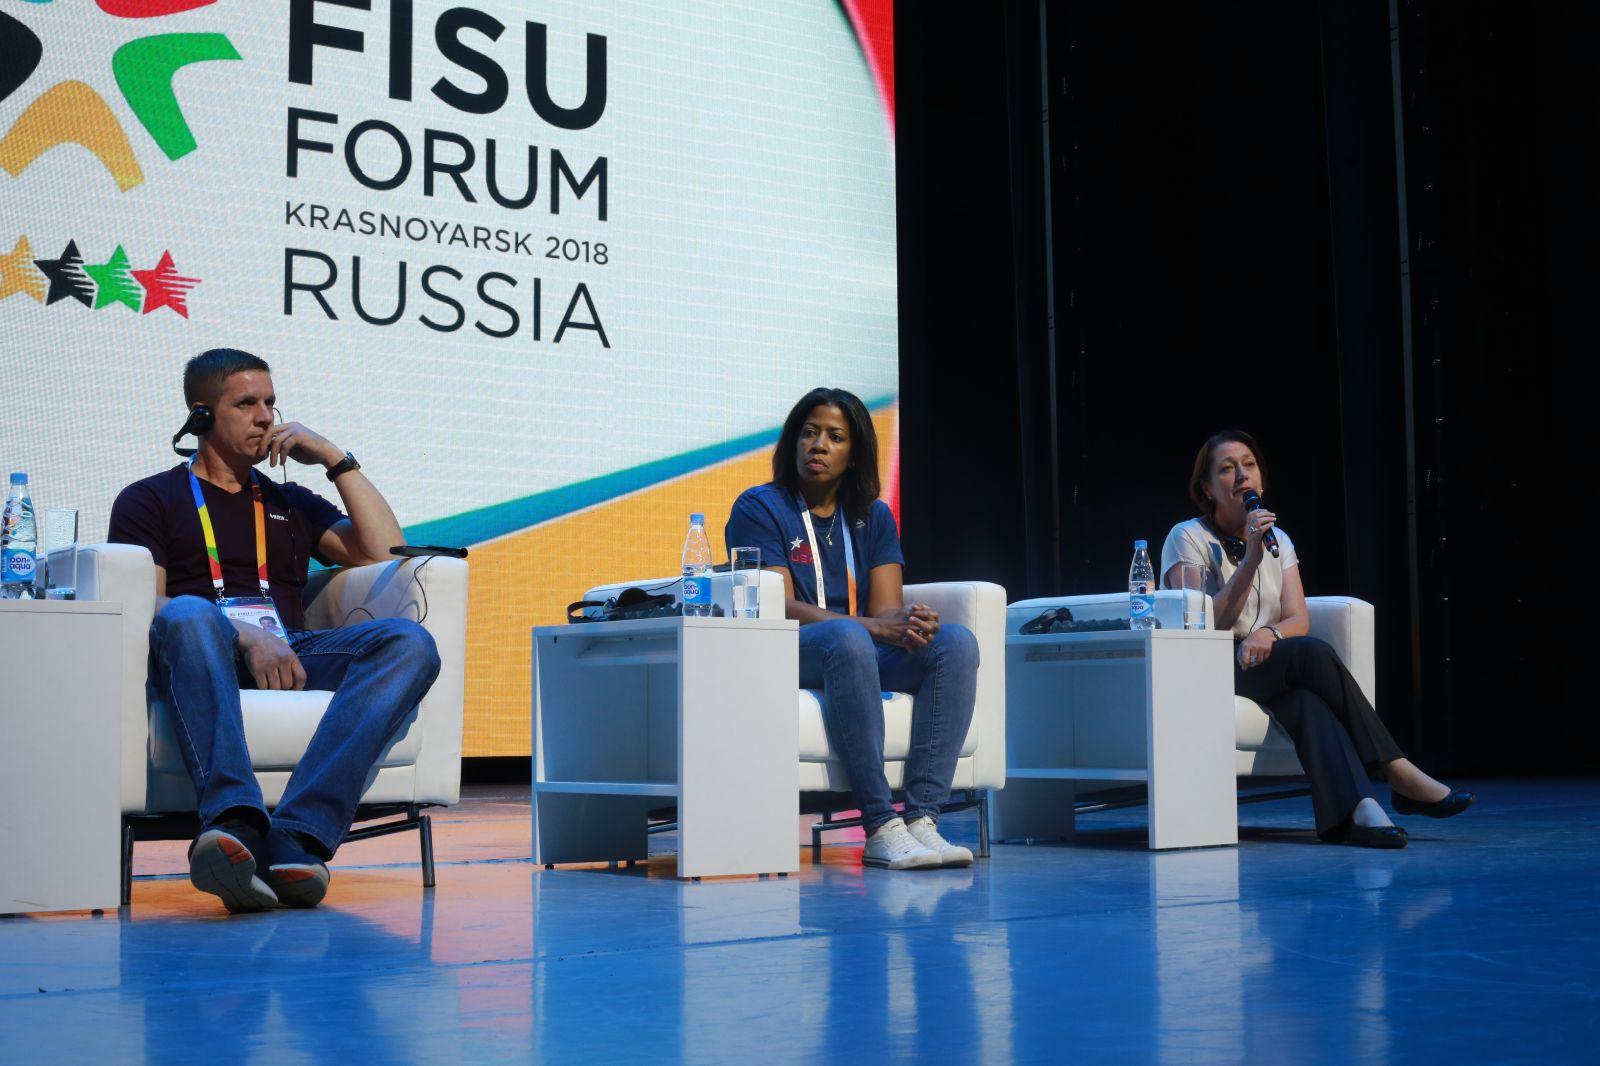 Участники Форума Международной федерации студенческого спорта обсудили спорт лиц с ограниченными возможностями здоровья